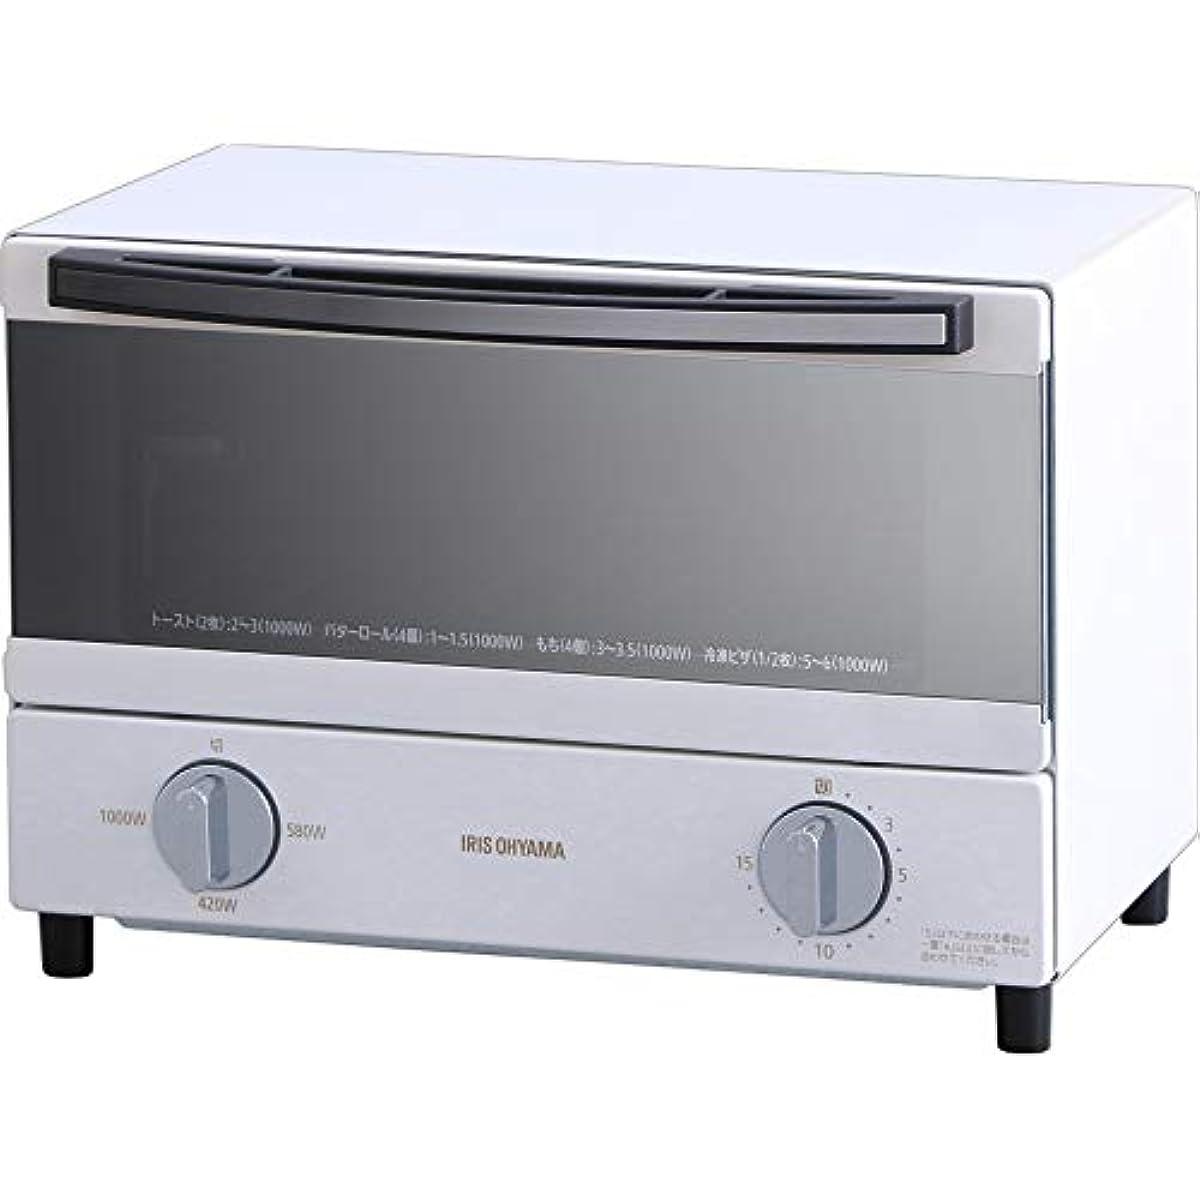 [해외] 아이리스 오야마 steam 오븐 토스터기 2 매구이 온도 조절 쟁반 퍼터이머 기능 첨부가로퍼터입 화이트 SOT-011-W